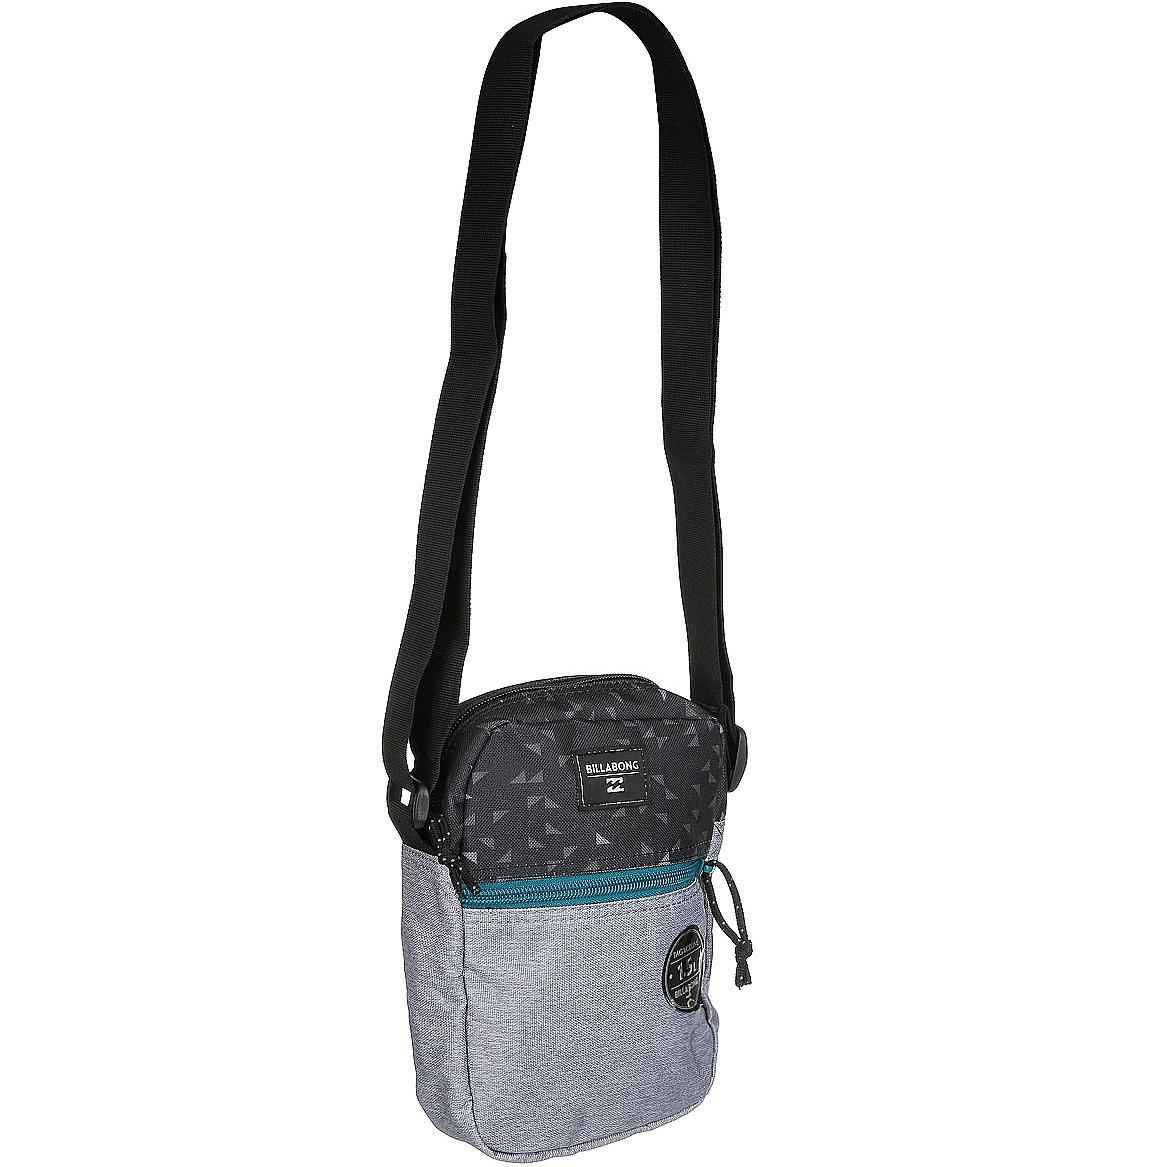 Сумка Billabong Boulevard Satchel, цвет: черный, серыйBM8434-58AEКомпактная сумка для документов в минималистичном дизайне. Сумка подходит для документов, телефона, фотоаппарата. Основное отделение на молнии. Один внешний карман на молнии. Регулируемый плечевой ремень.Объем: 1,5 литра.